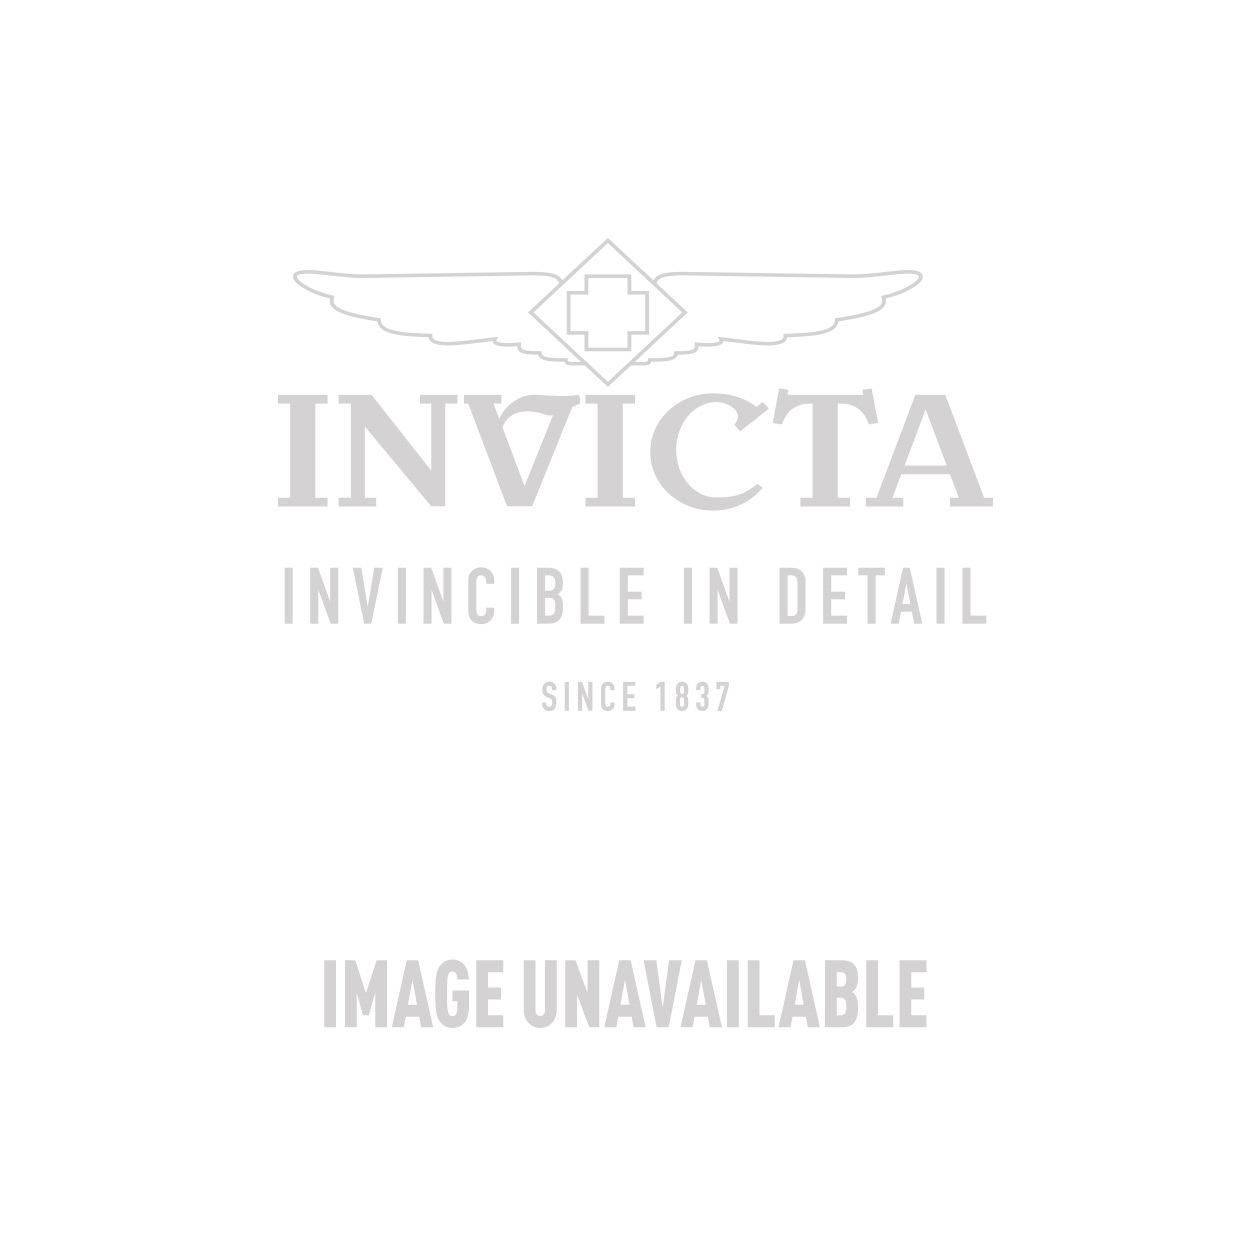 Invicta Model 28366